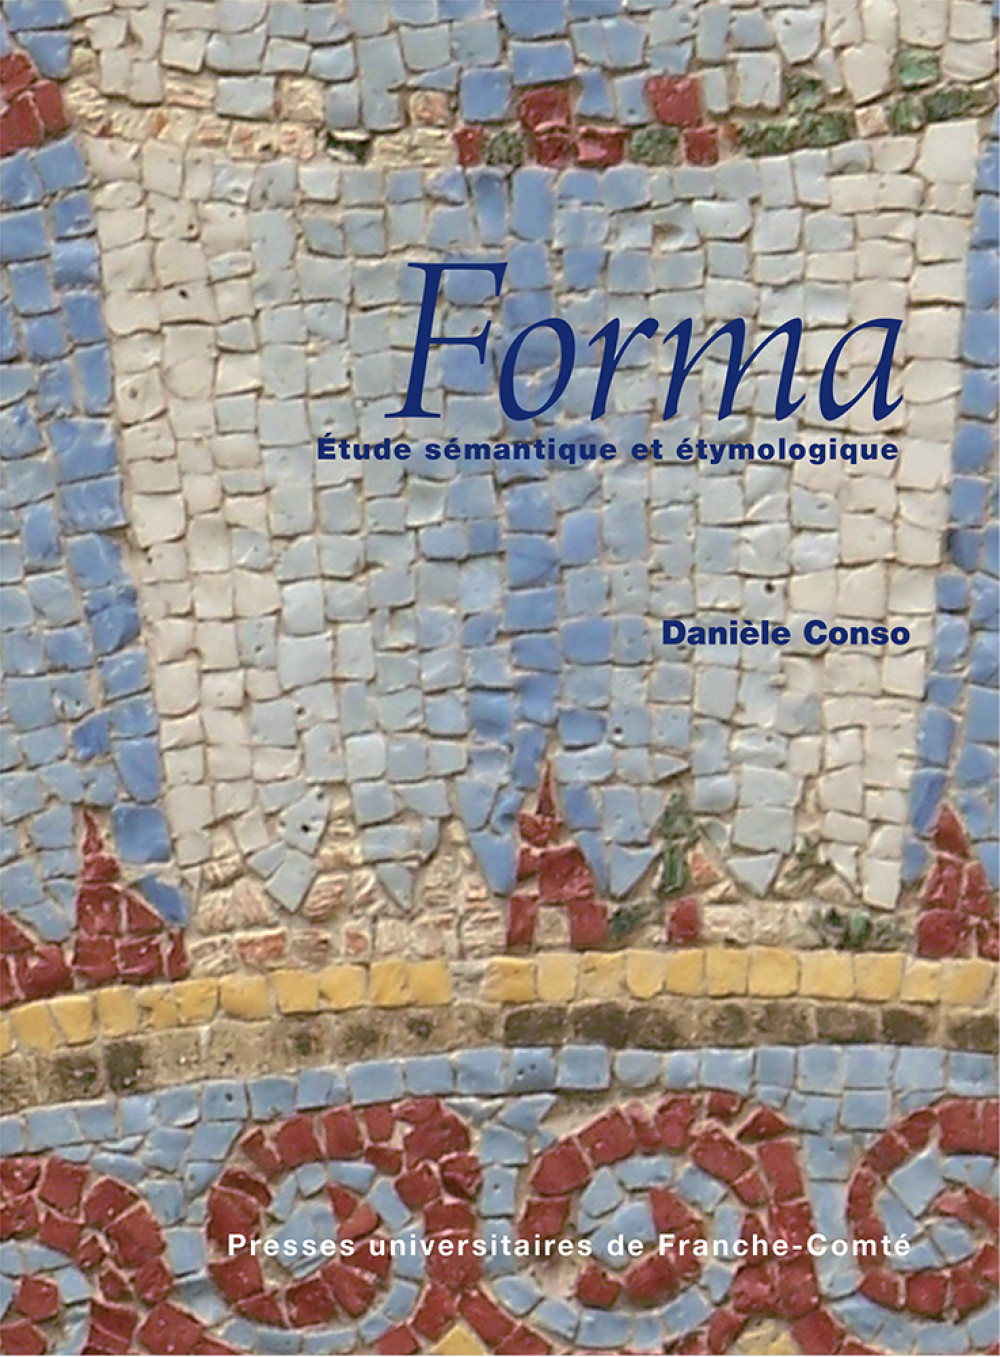 <I>FORMA</i>